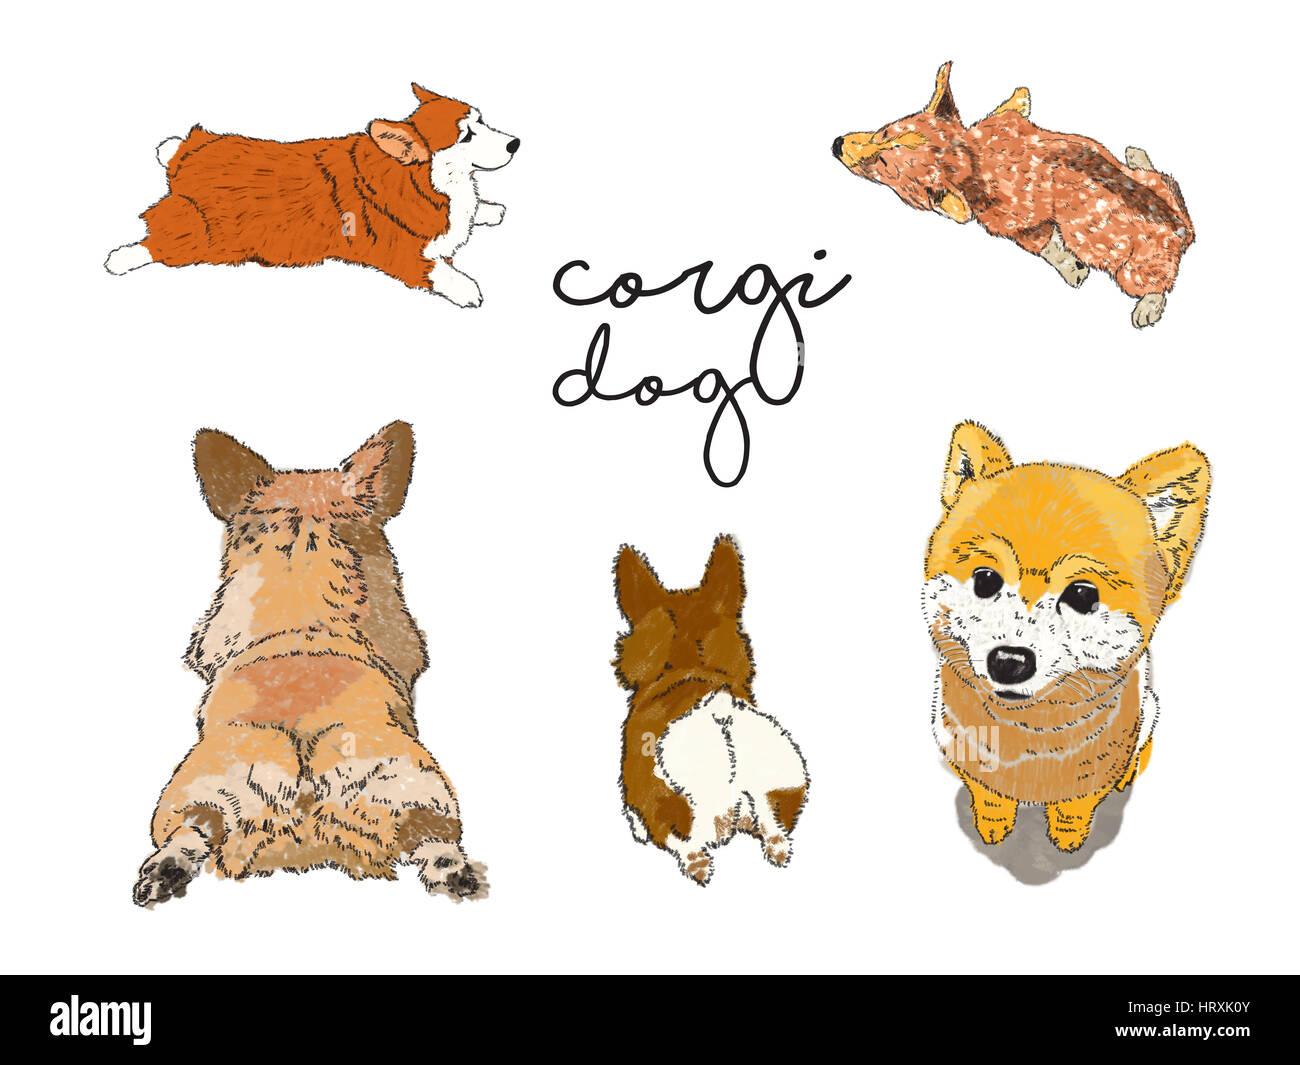 Y Corgi perro Shiba ilustración embalados sin referencia. Imagen De Stock